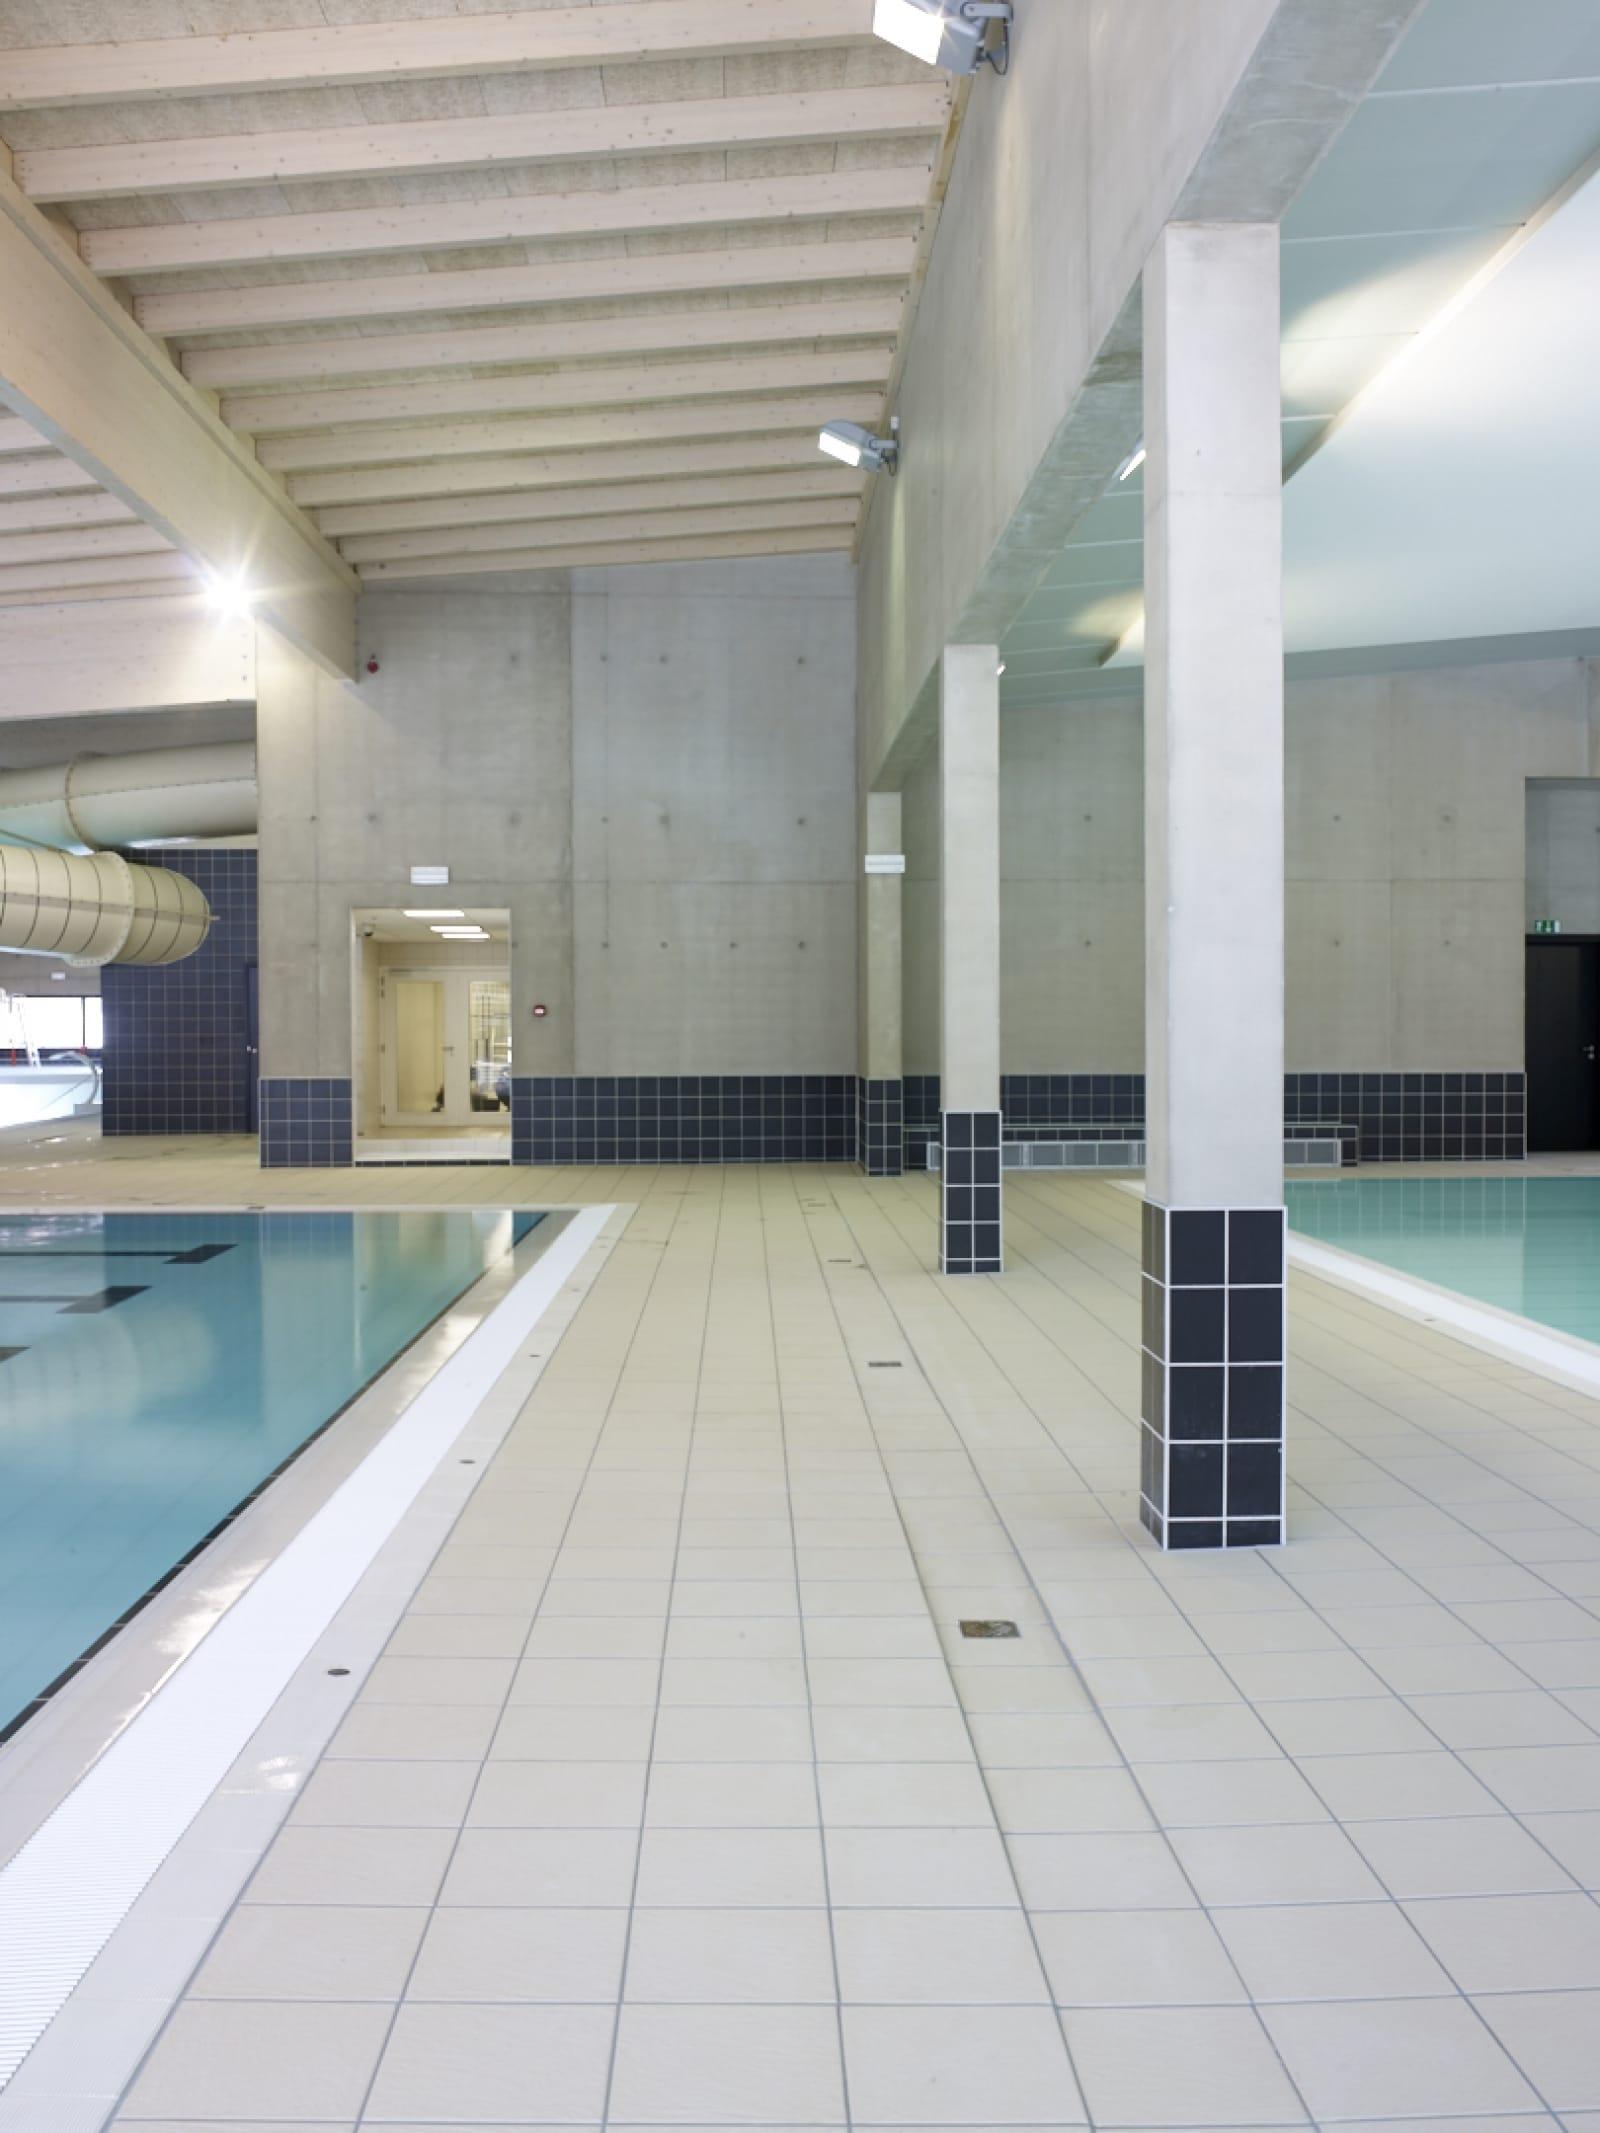 Zwembad poperinge realisatie bouwbedrijf furnibo nv - Omgeving zwembad ontwerp ...